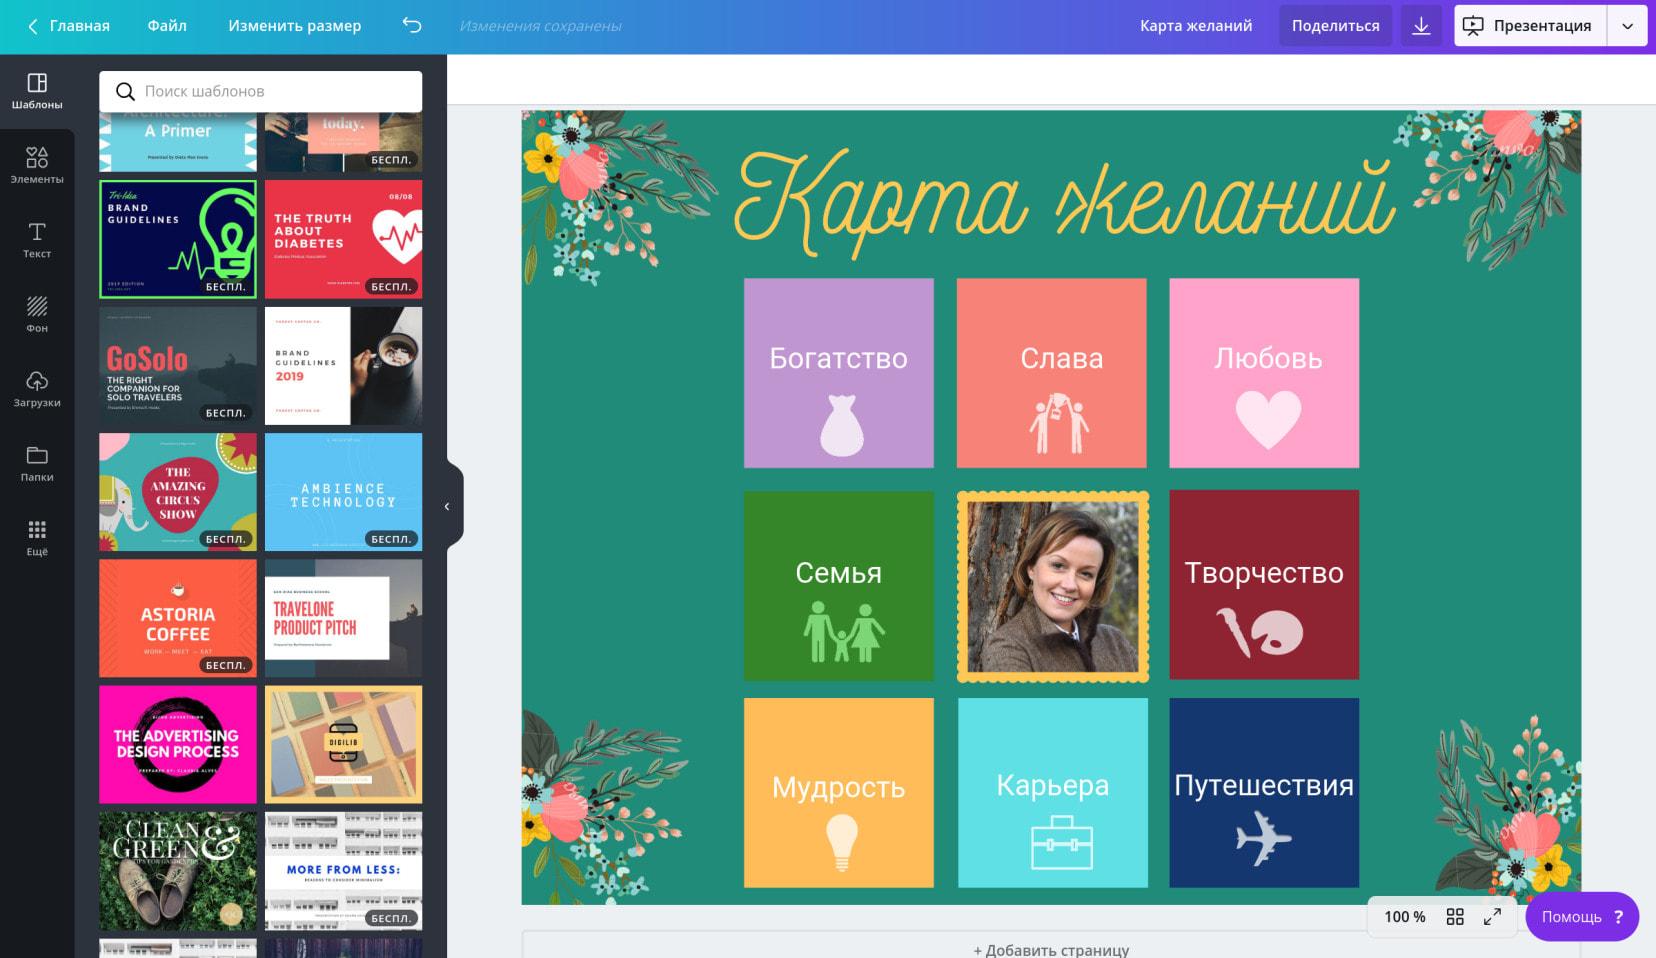 Создание карты желаний на русском языке в редакторе Canva